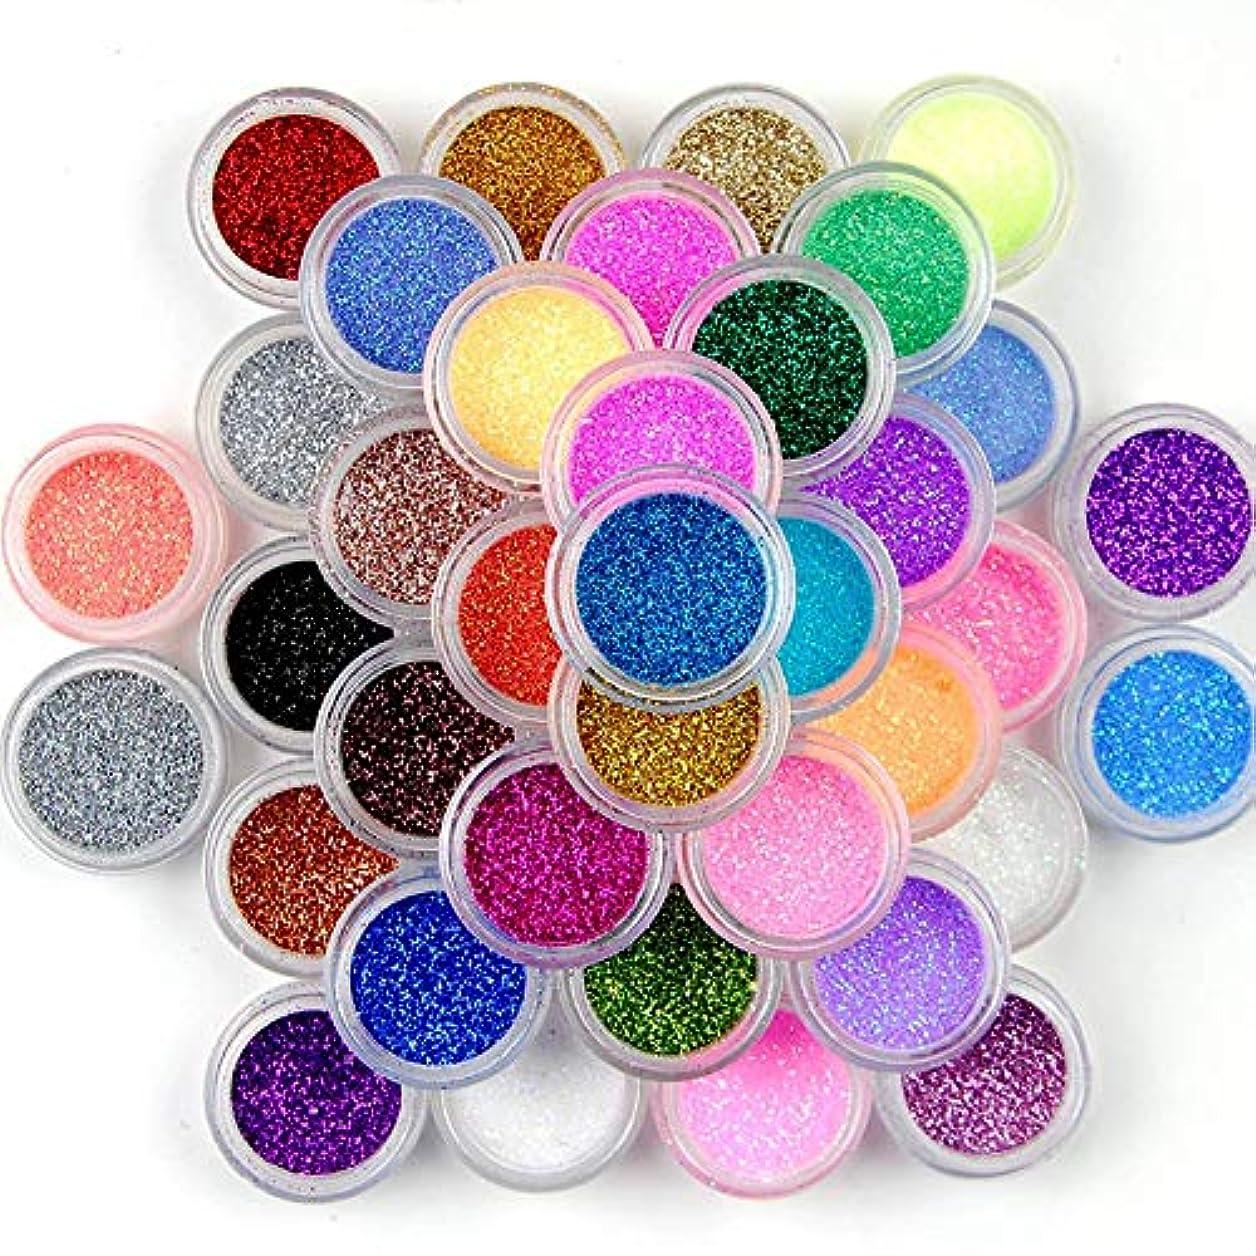 45色グリッターネイルスパンコールパウダー、ネイルアートパウダーデコレーションカラーグリッターネイルパレットネイルズ顔料DIYデコレーションキット